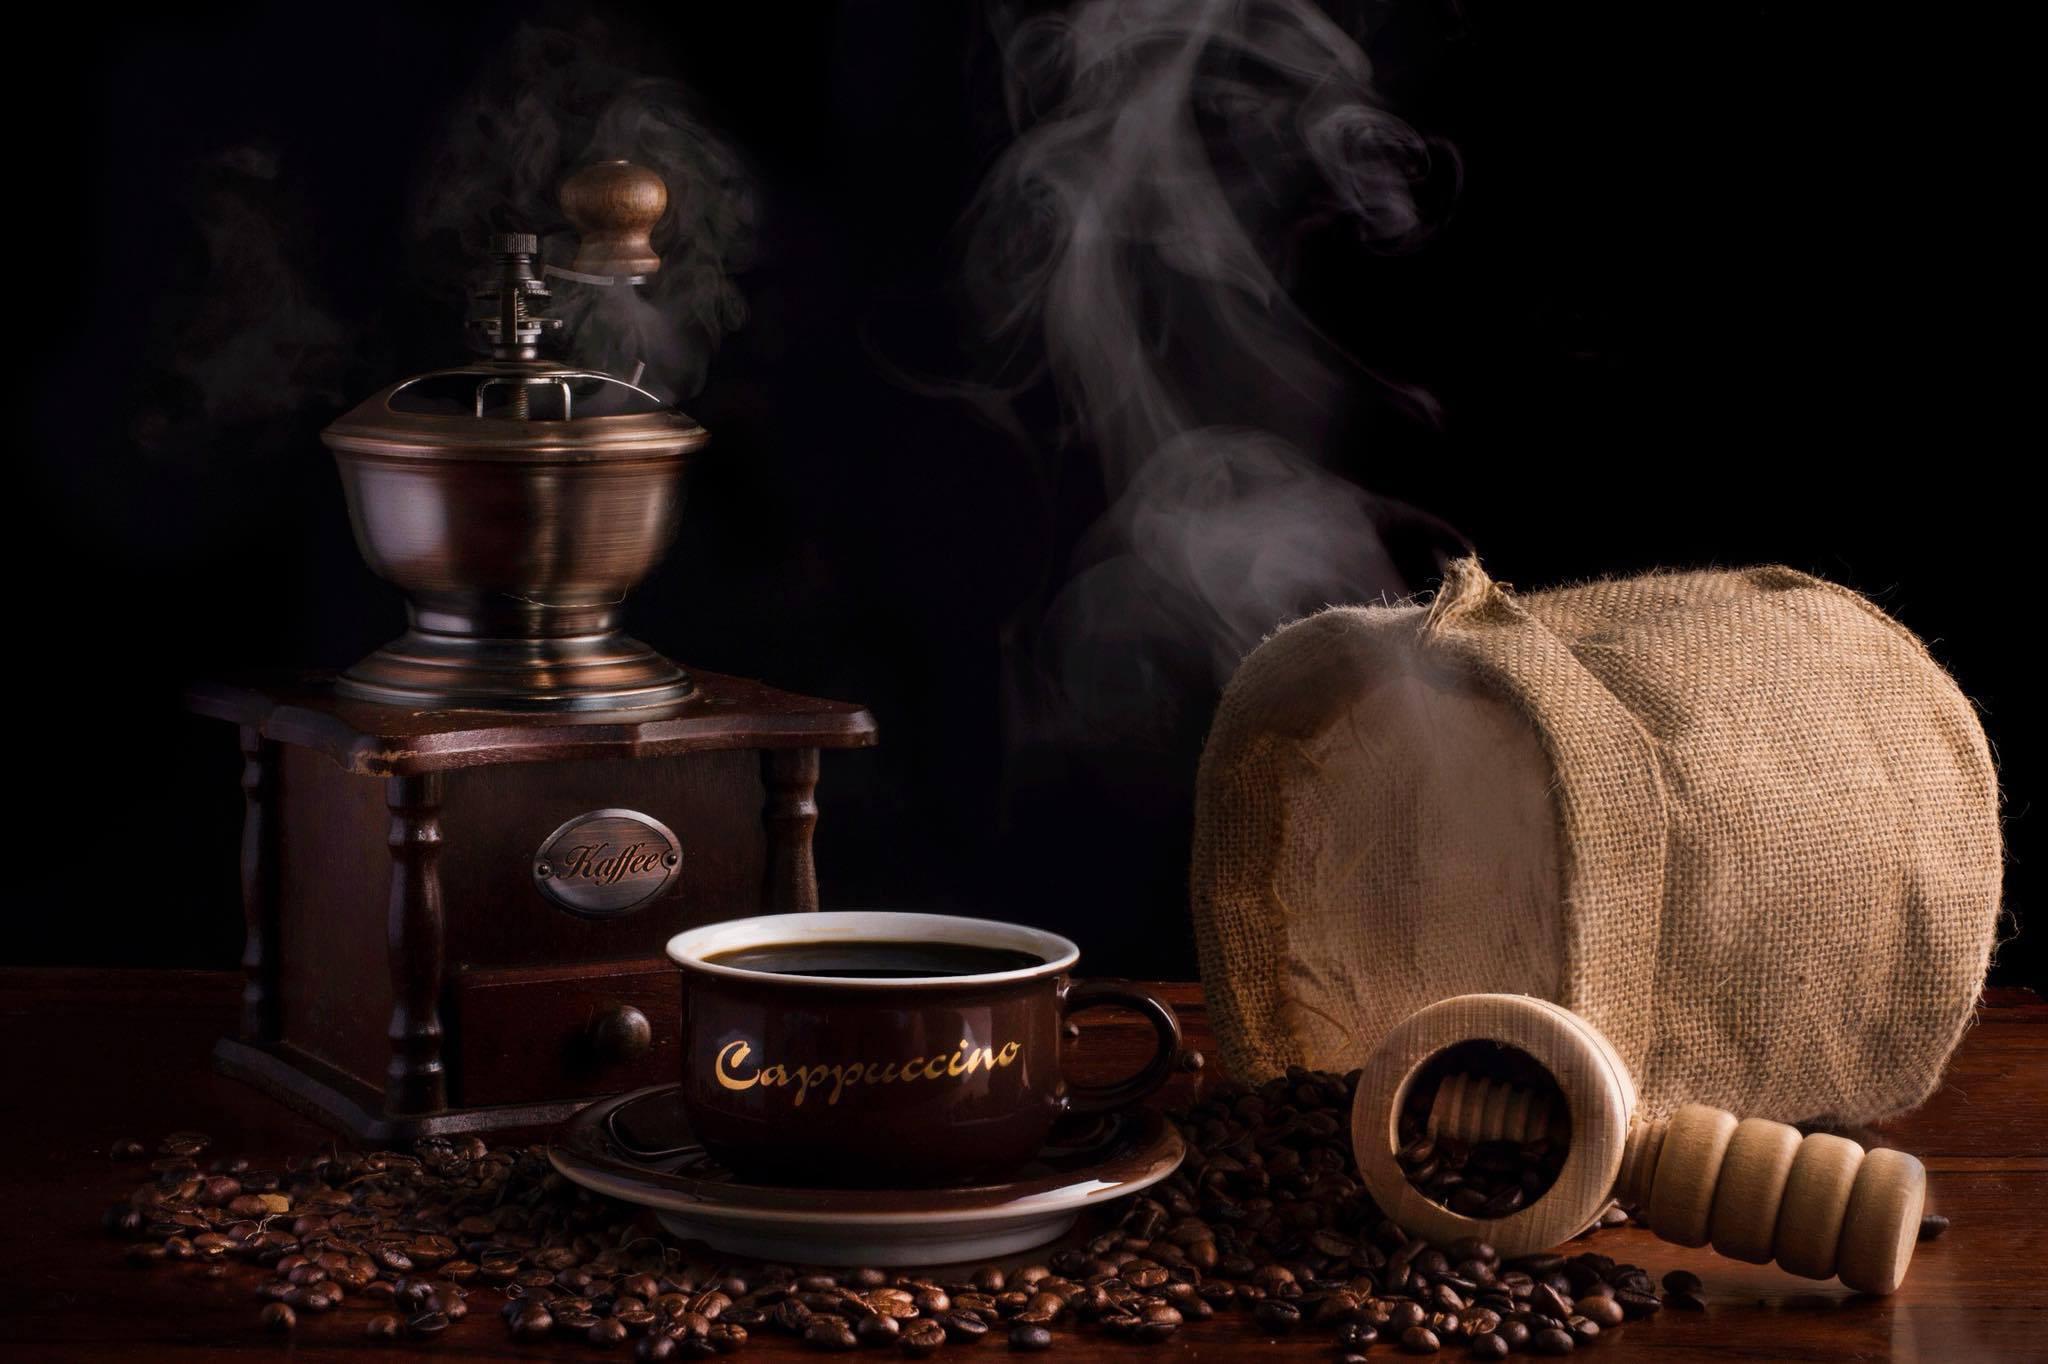 картинки кофе и кофемолка чтобы